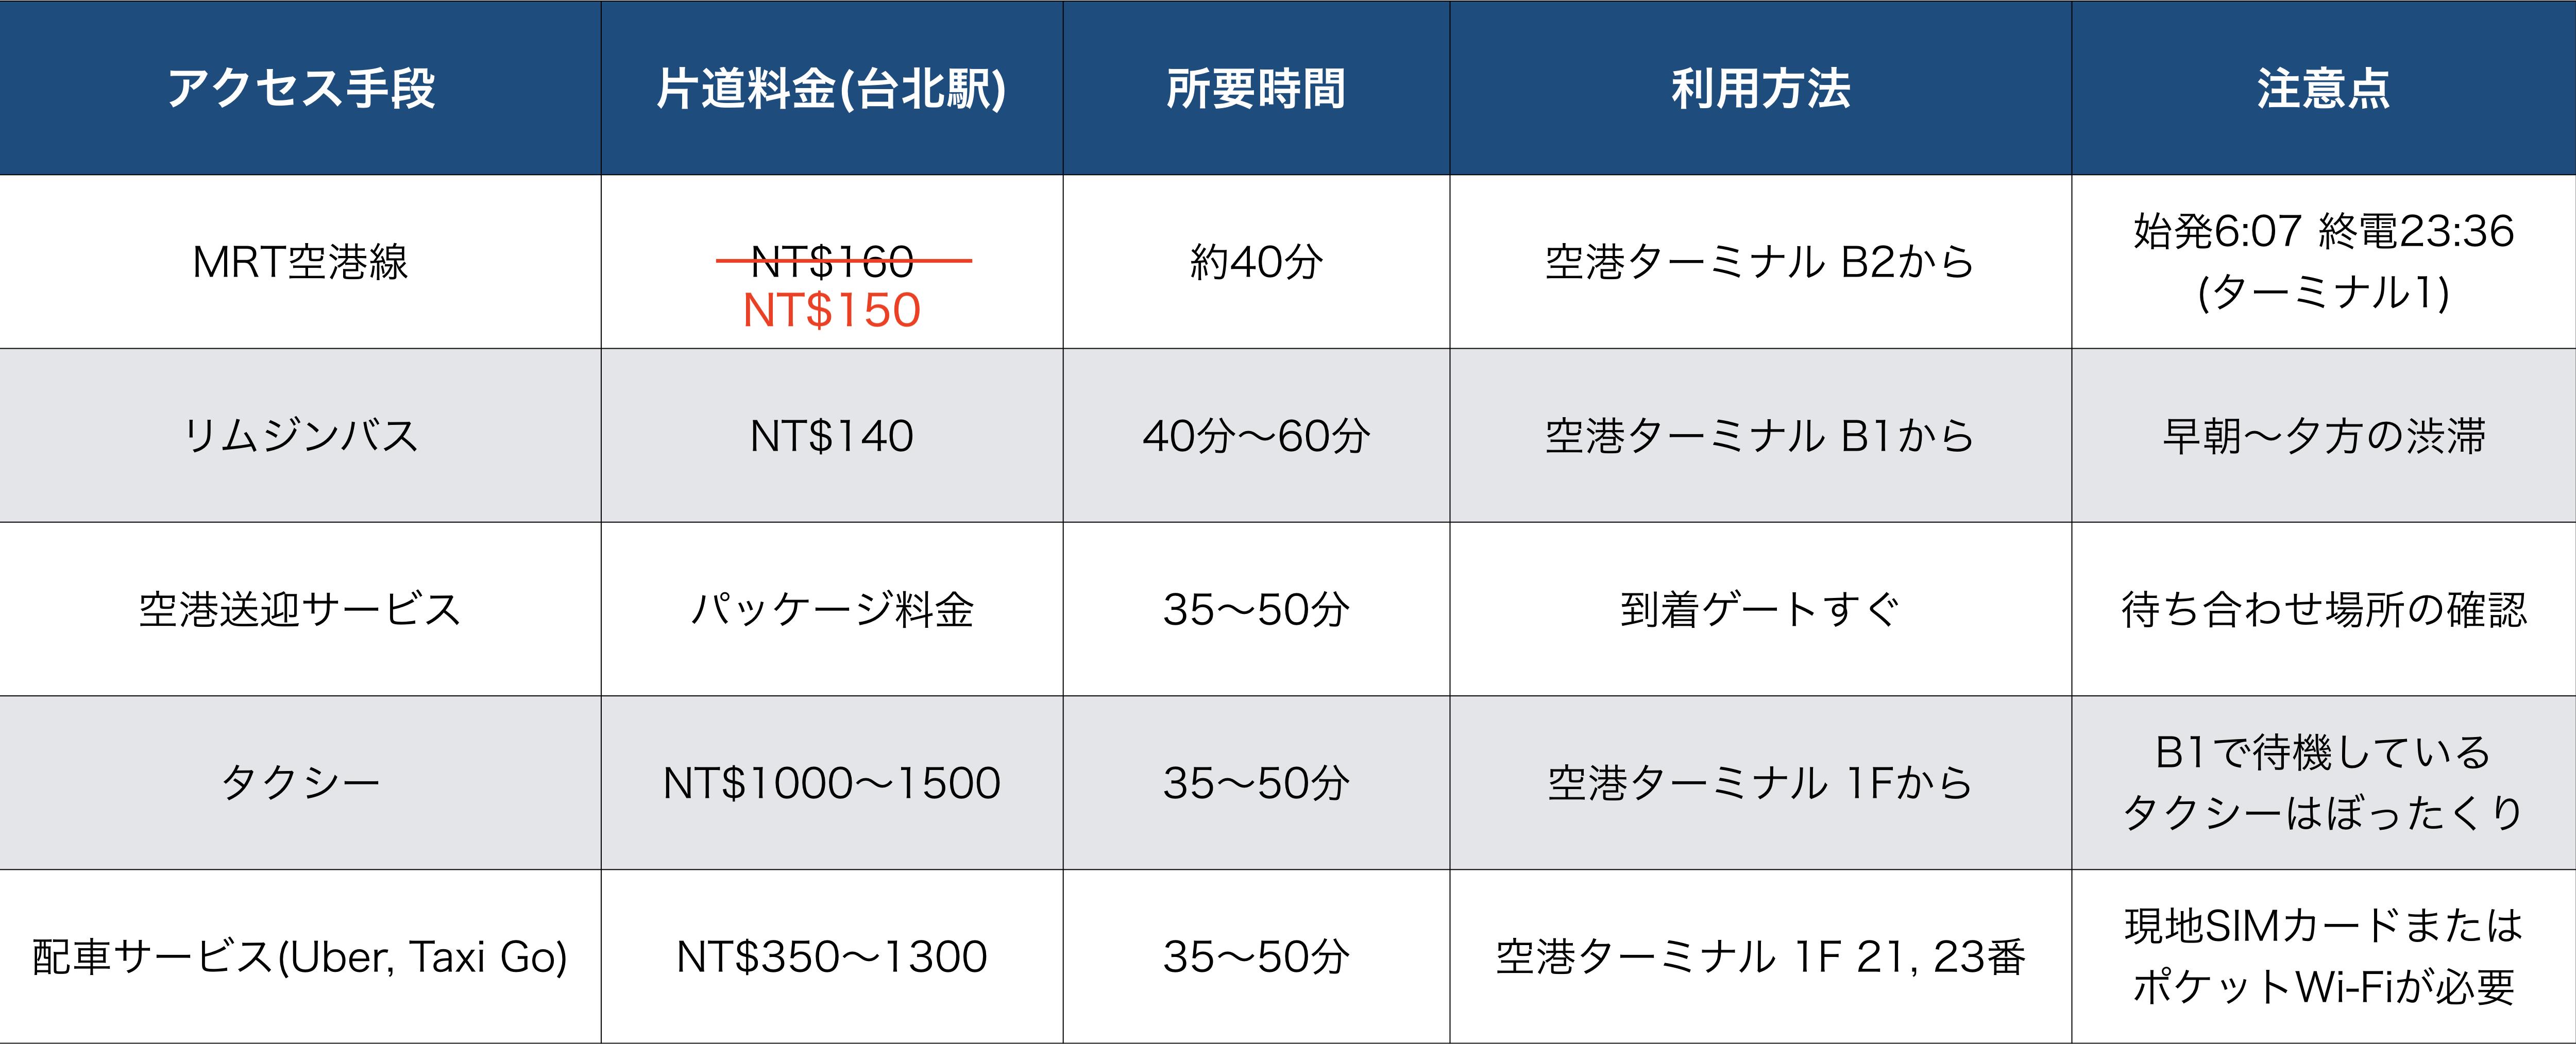 【在住者おすすめ】桃園国際空港から台北市内への移動アクセス方法・手段ガイド